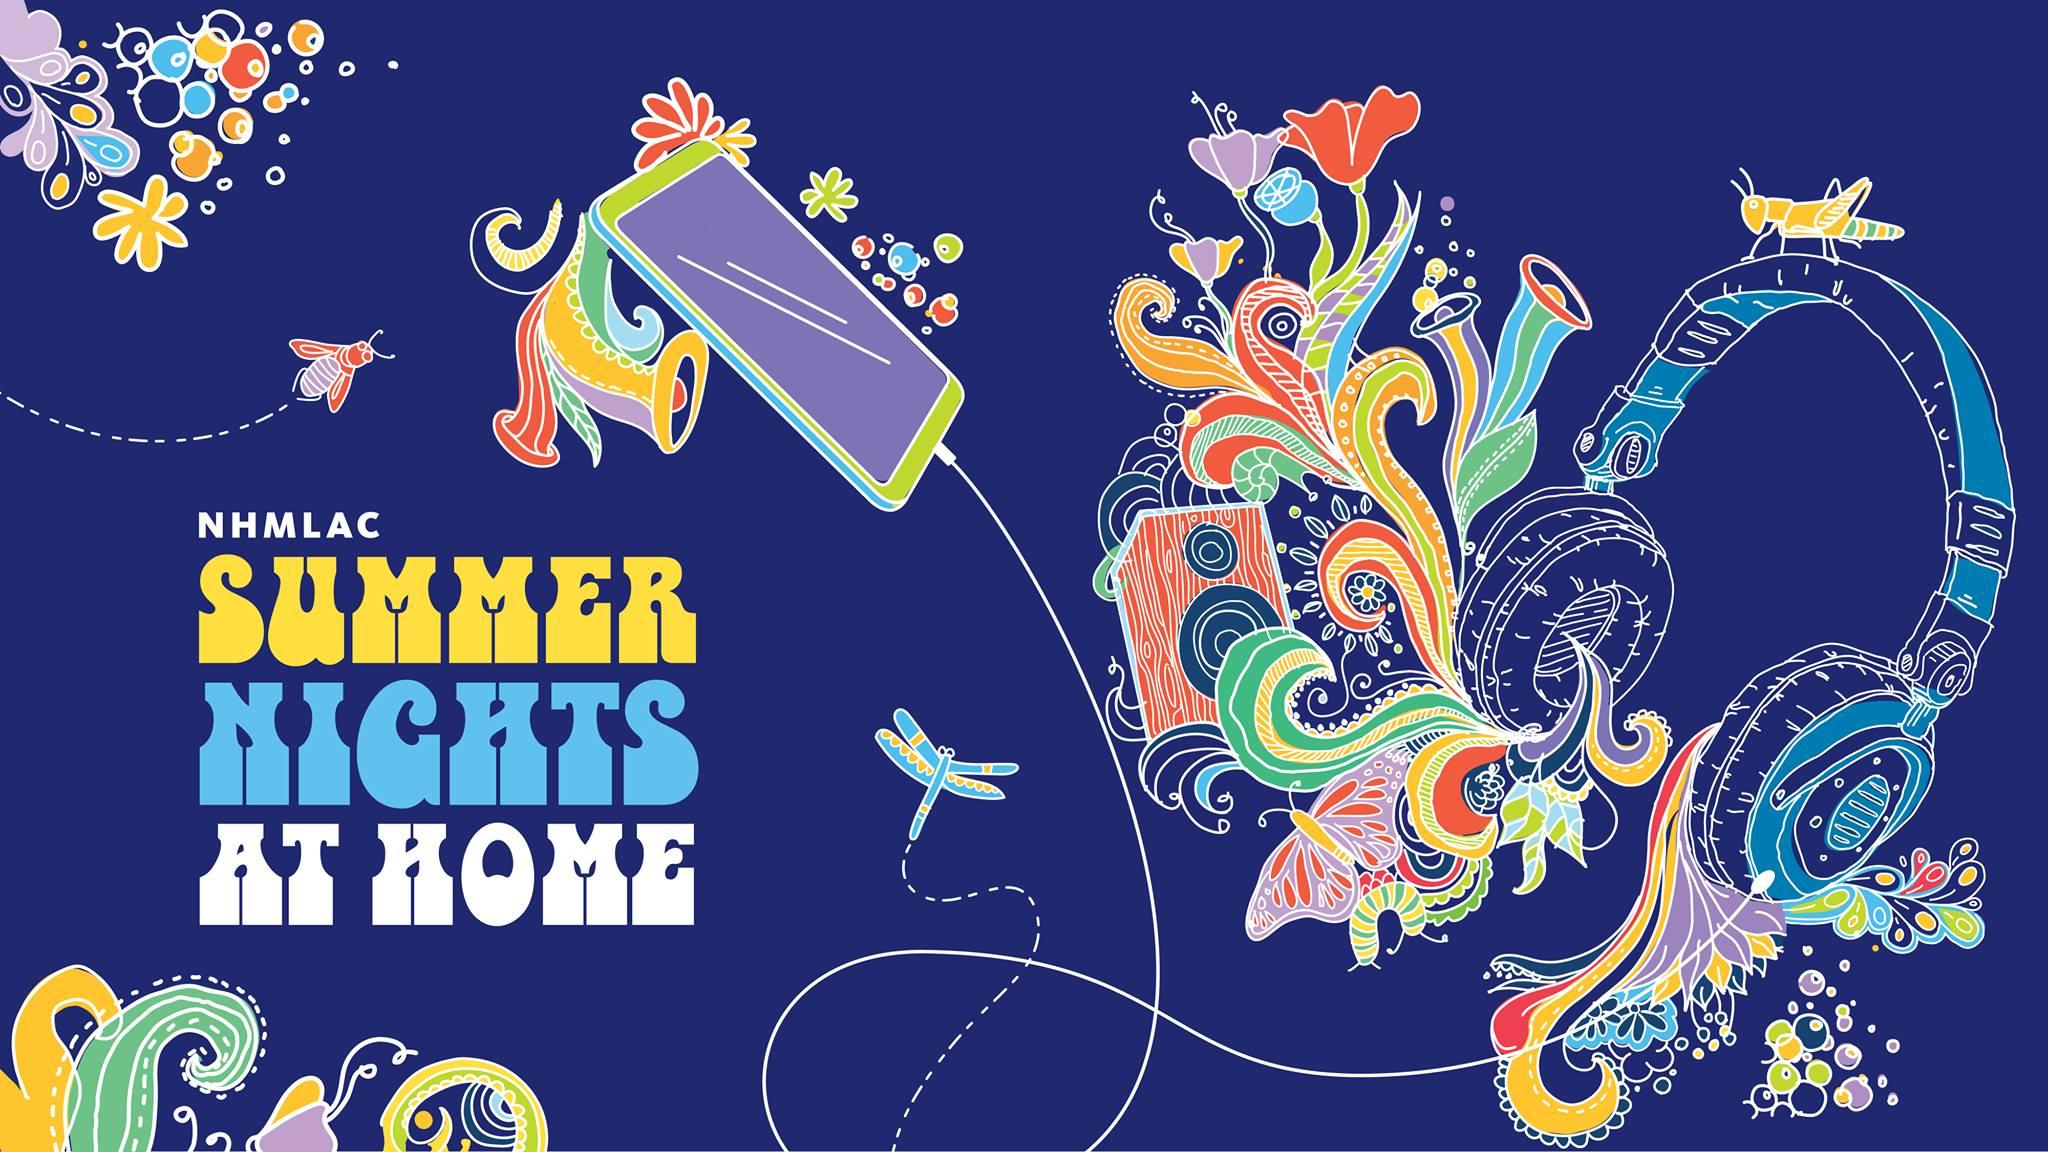 Natural History Museum Summer Nights at Home